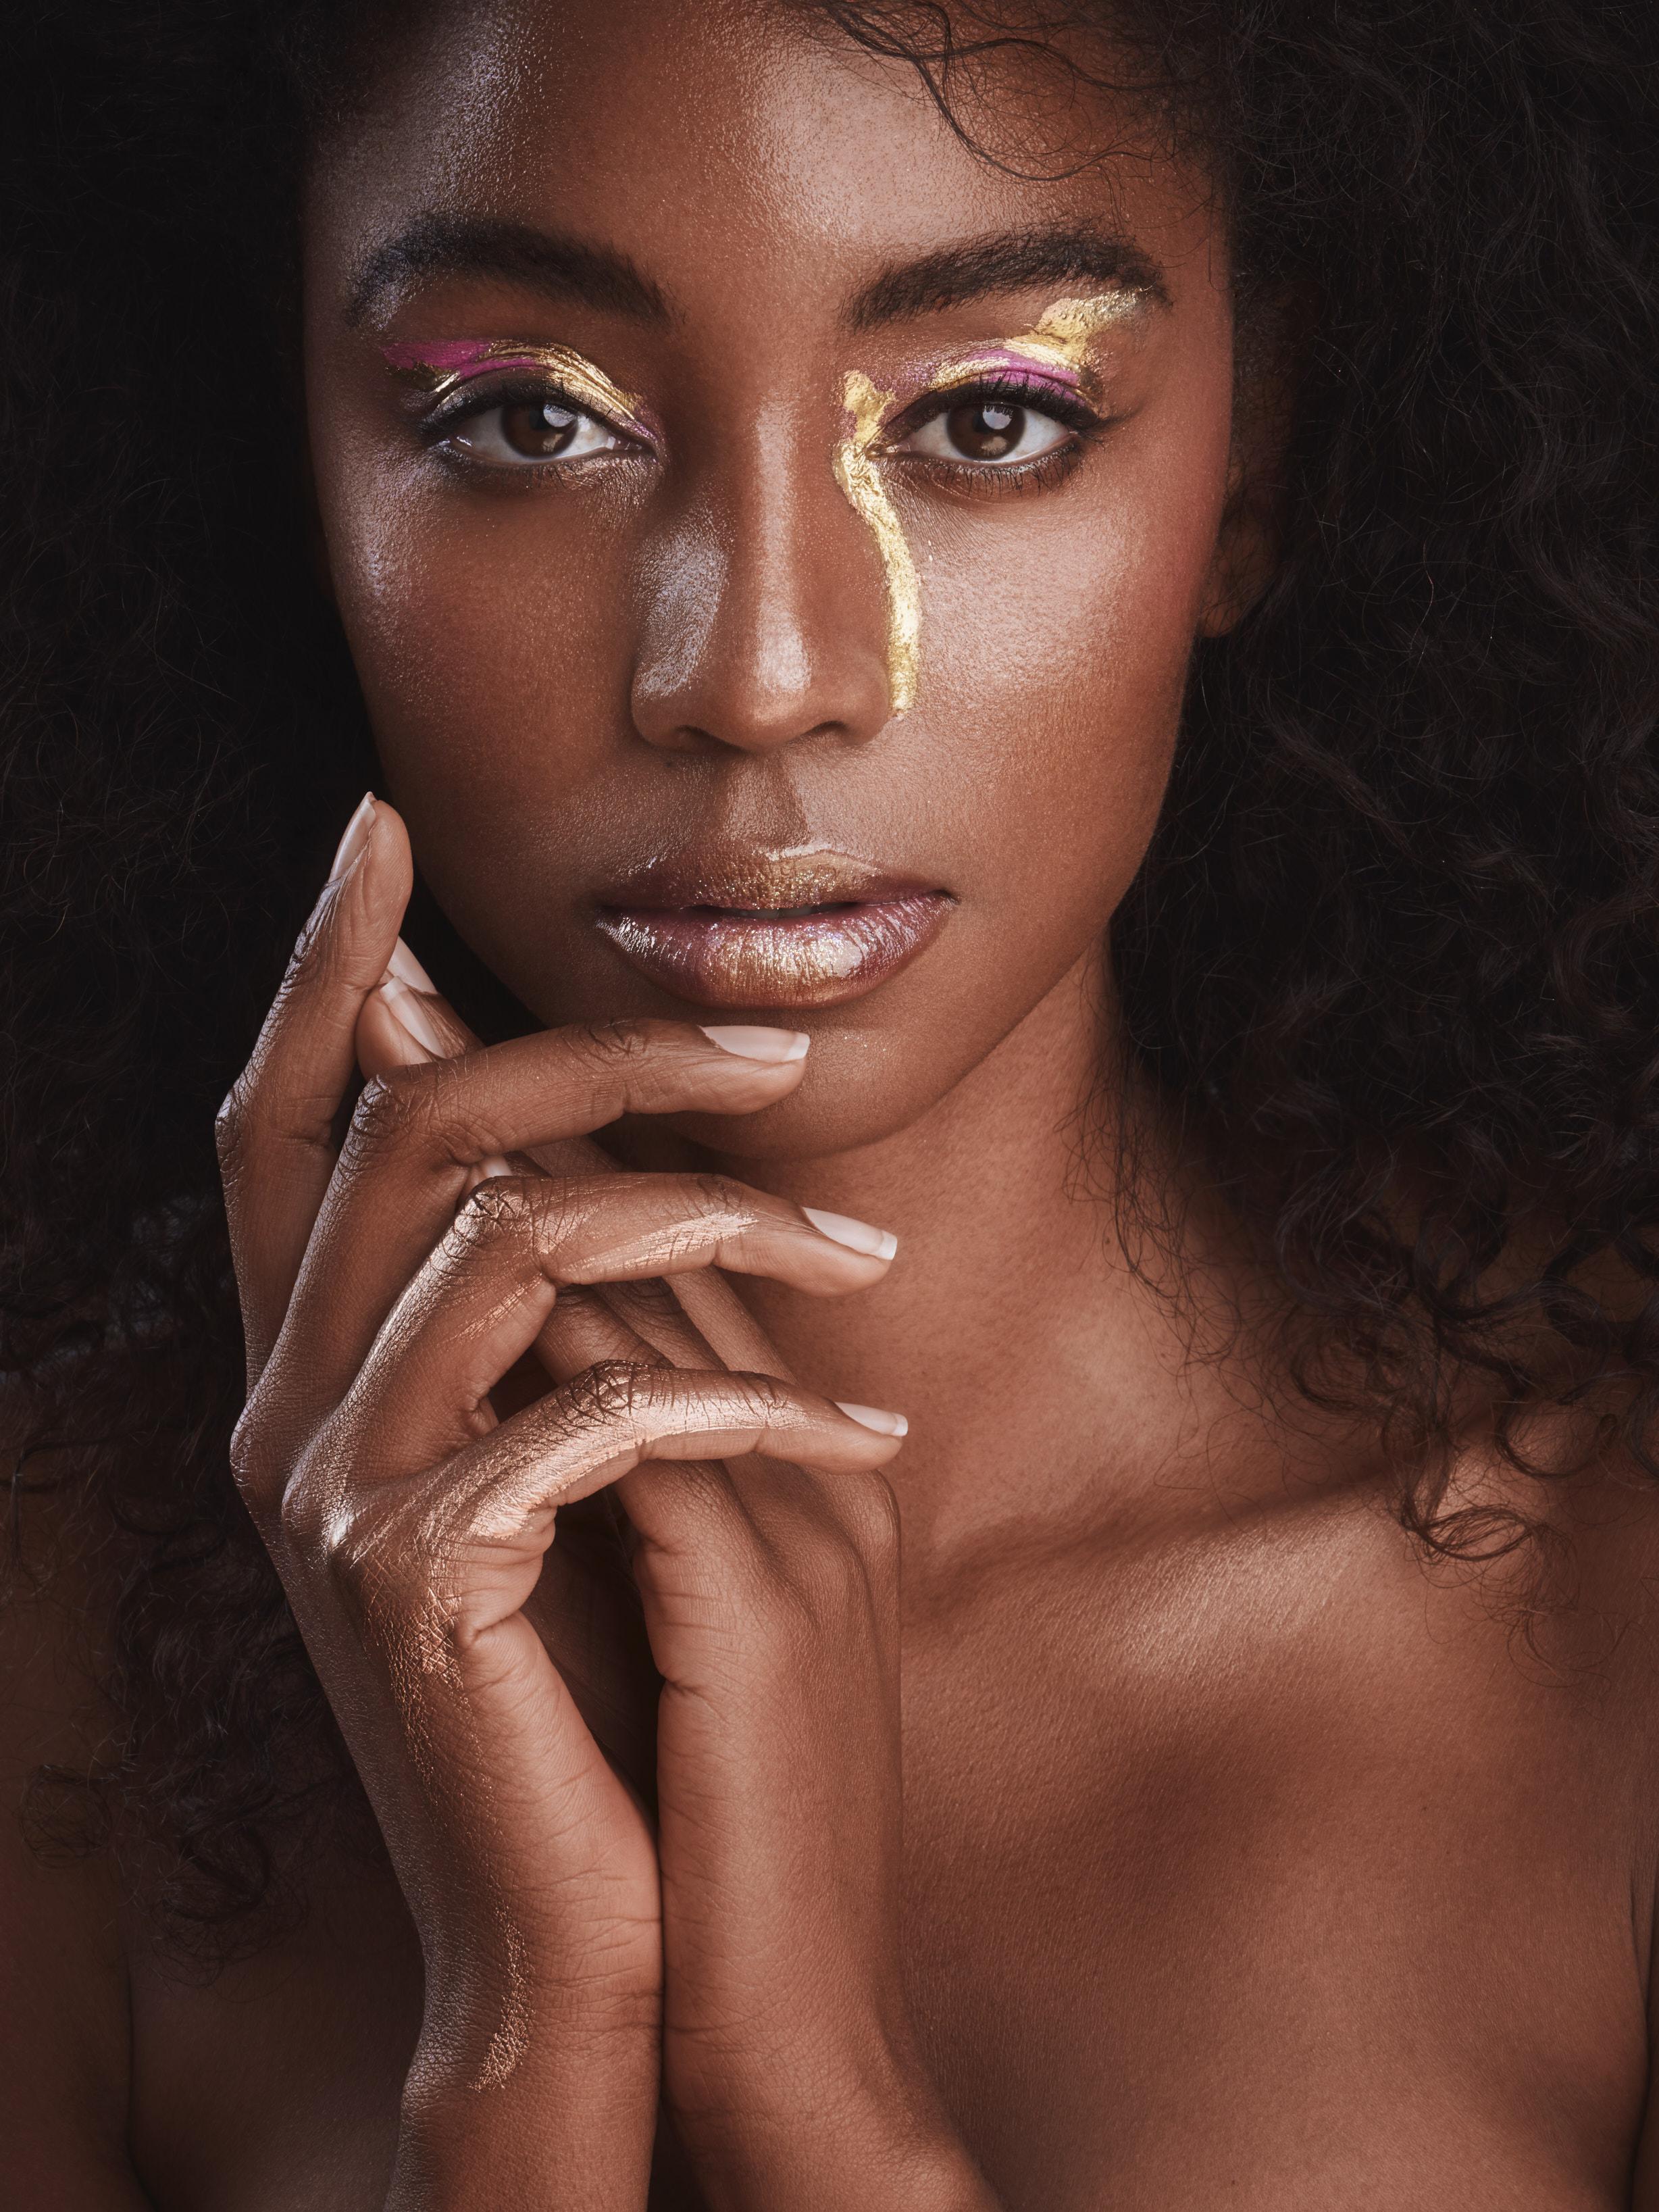 2019-08-22-Gabriela-beauty10716.jpg